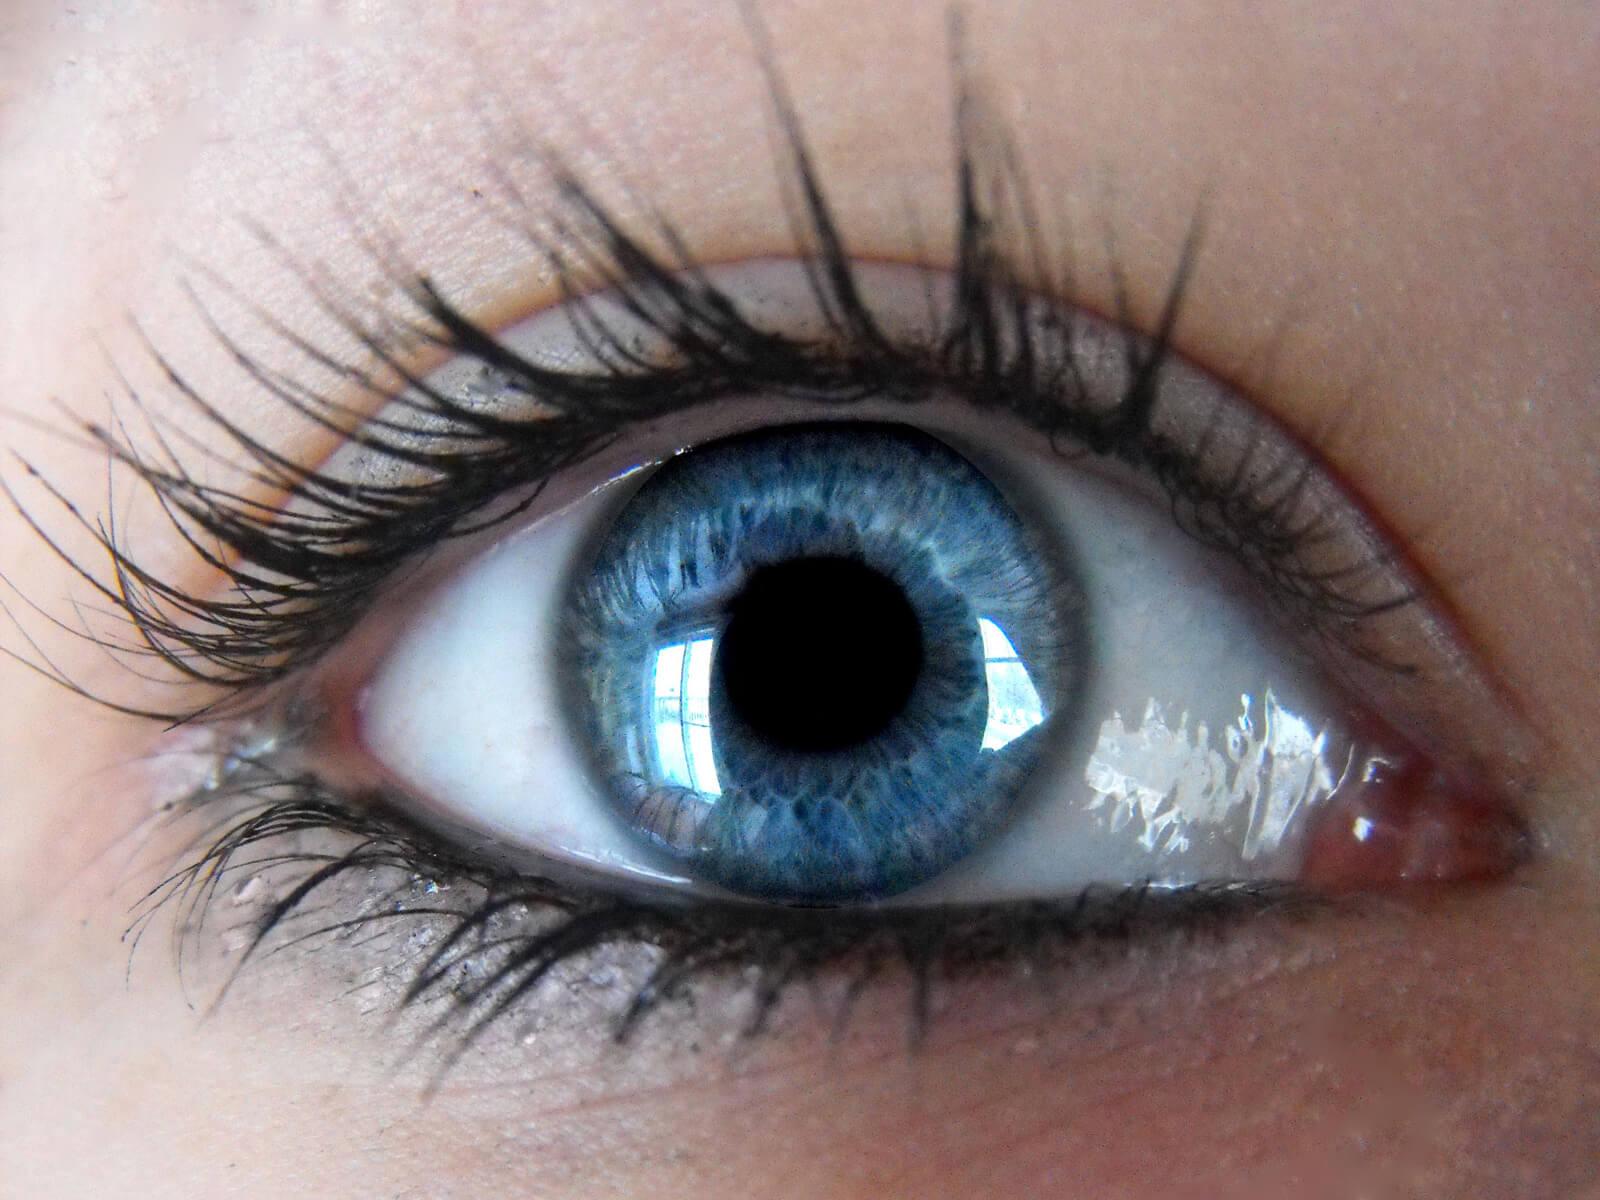 درستی یا نادرستی برخی باورها در مورد چشم